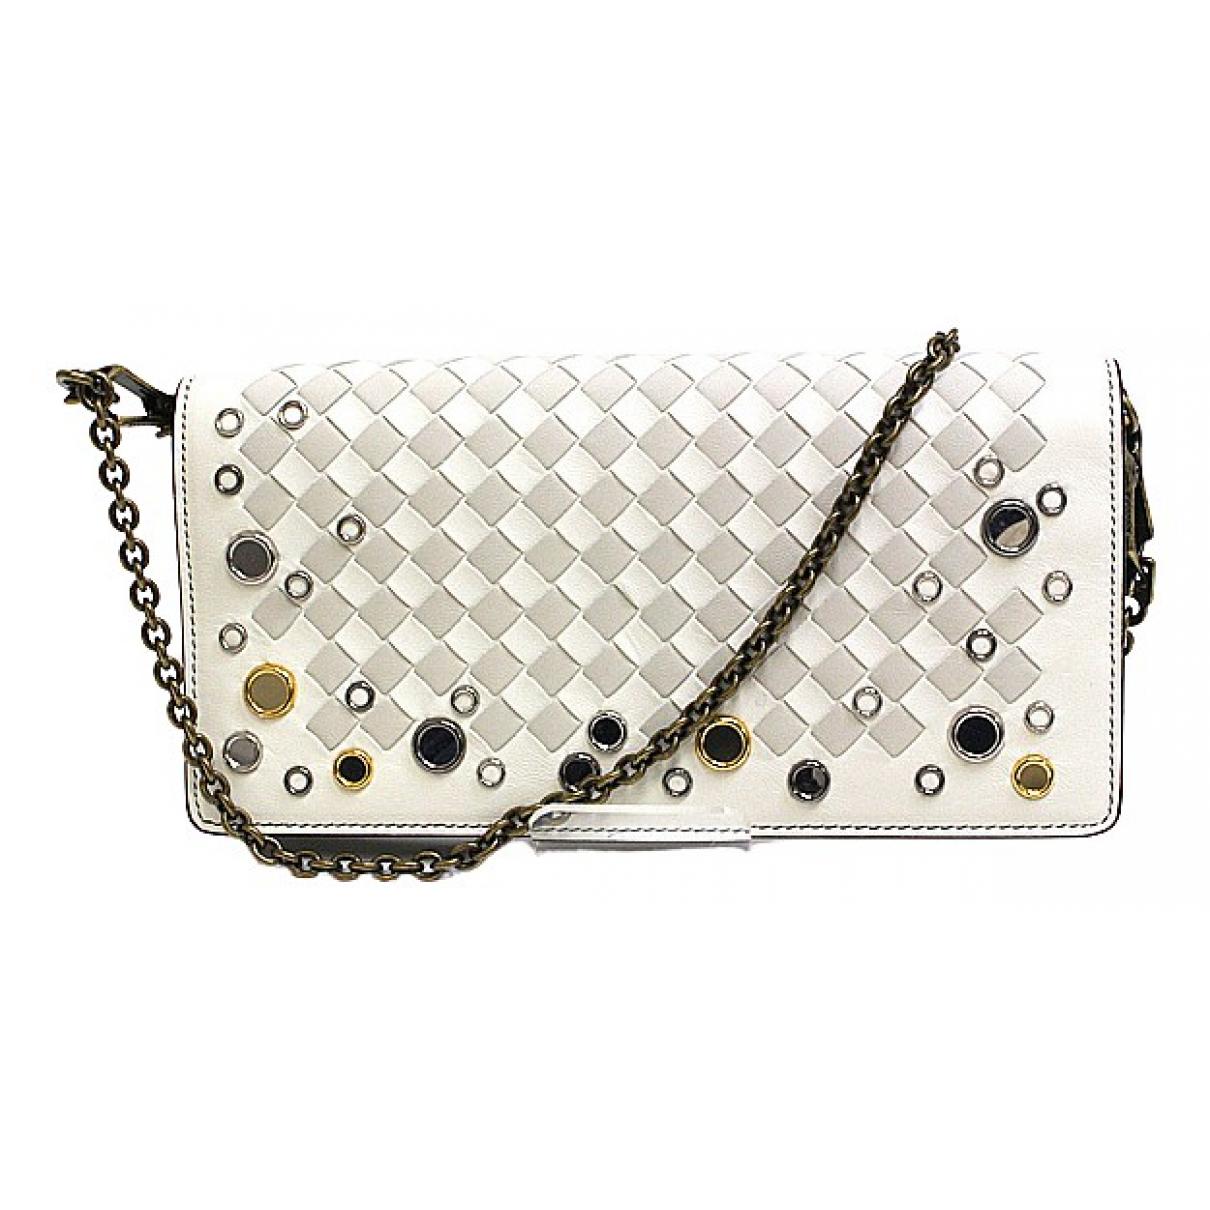 Bottega Veneta Intrecciato White Leather wallet for Women \N